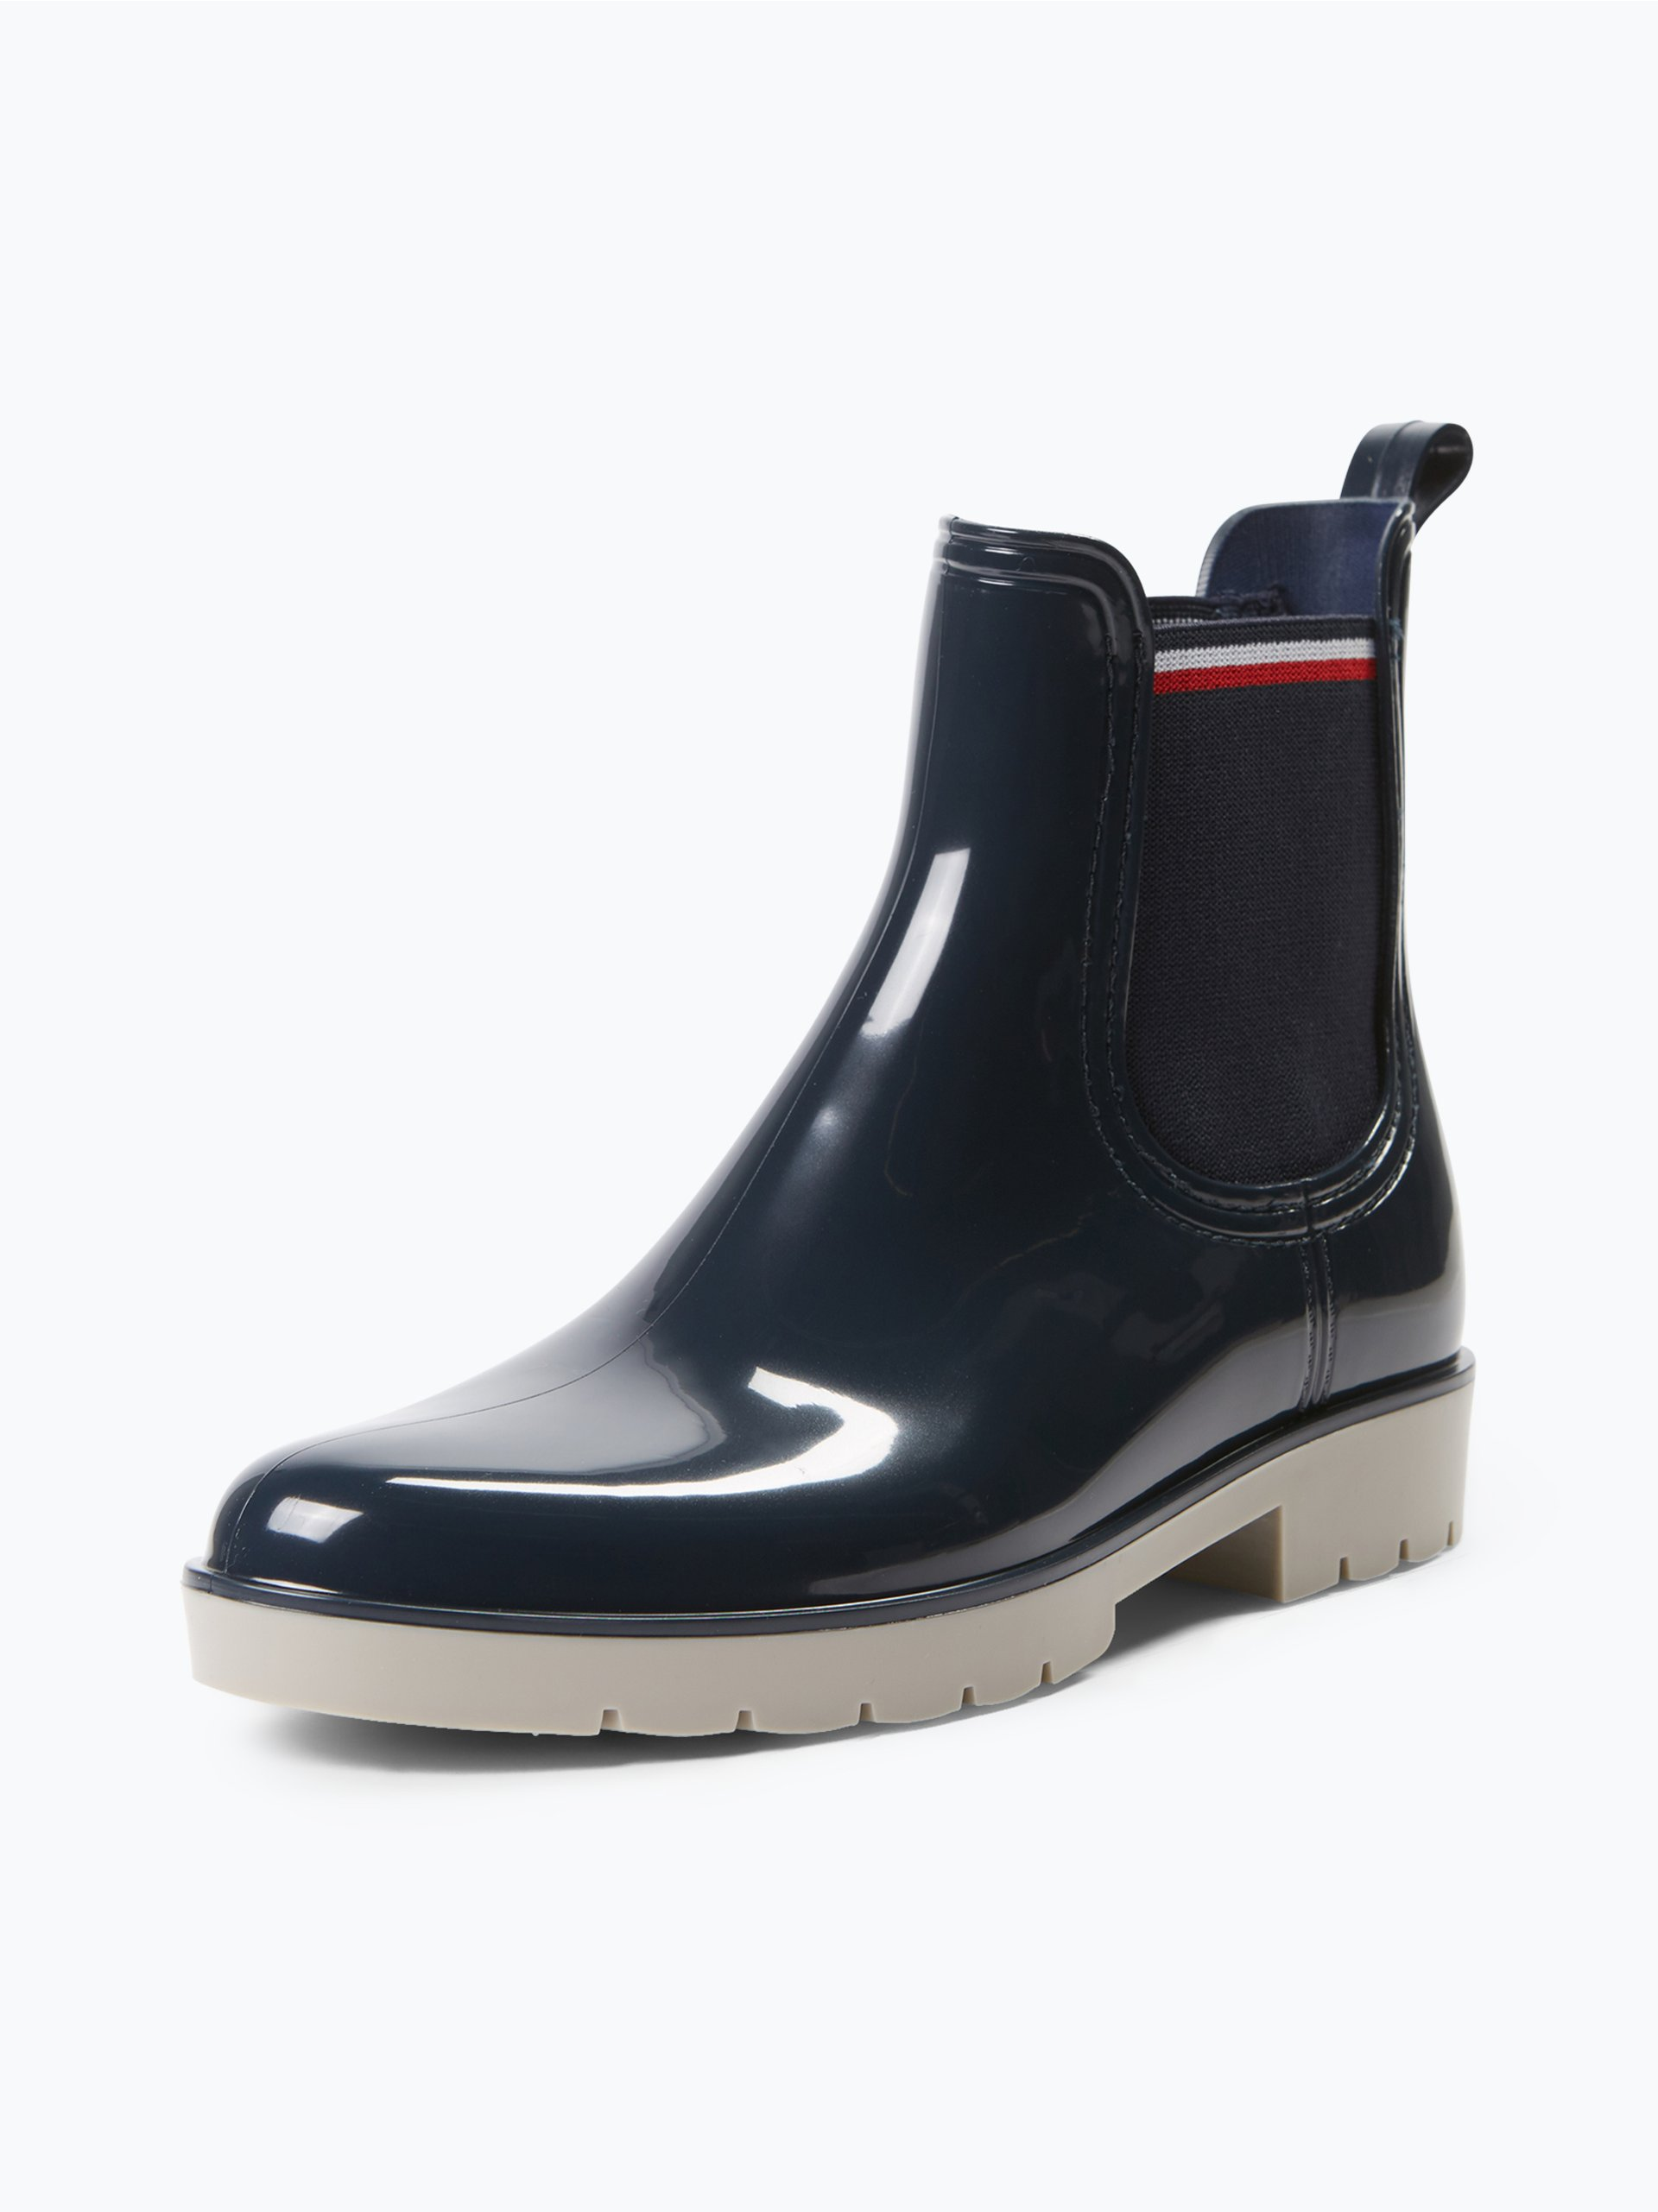 tommy hilfiger damen chelsea boots marine uni online. Black Bedroom Furniture Sets. Home Design Ideas